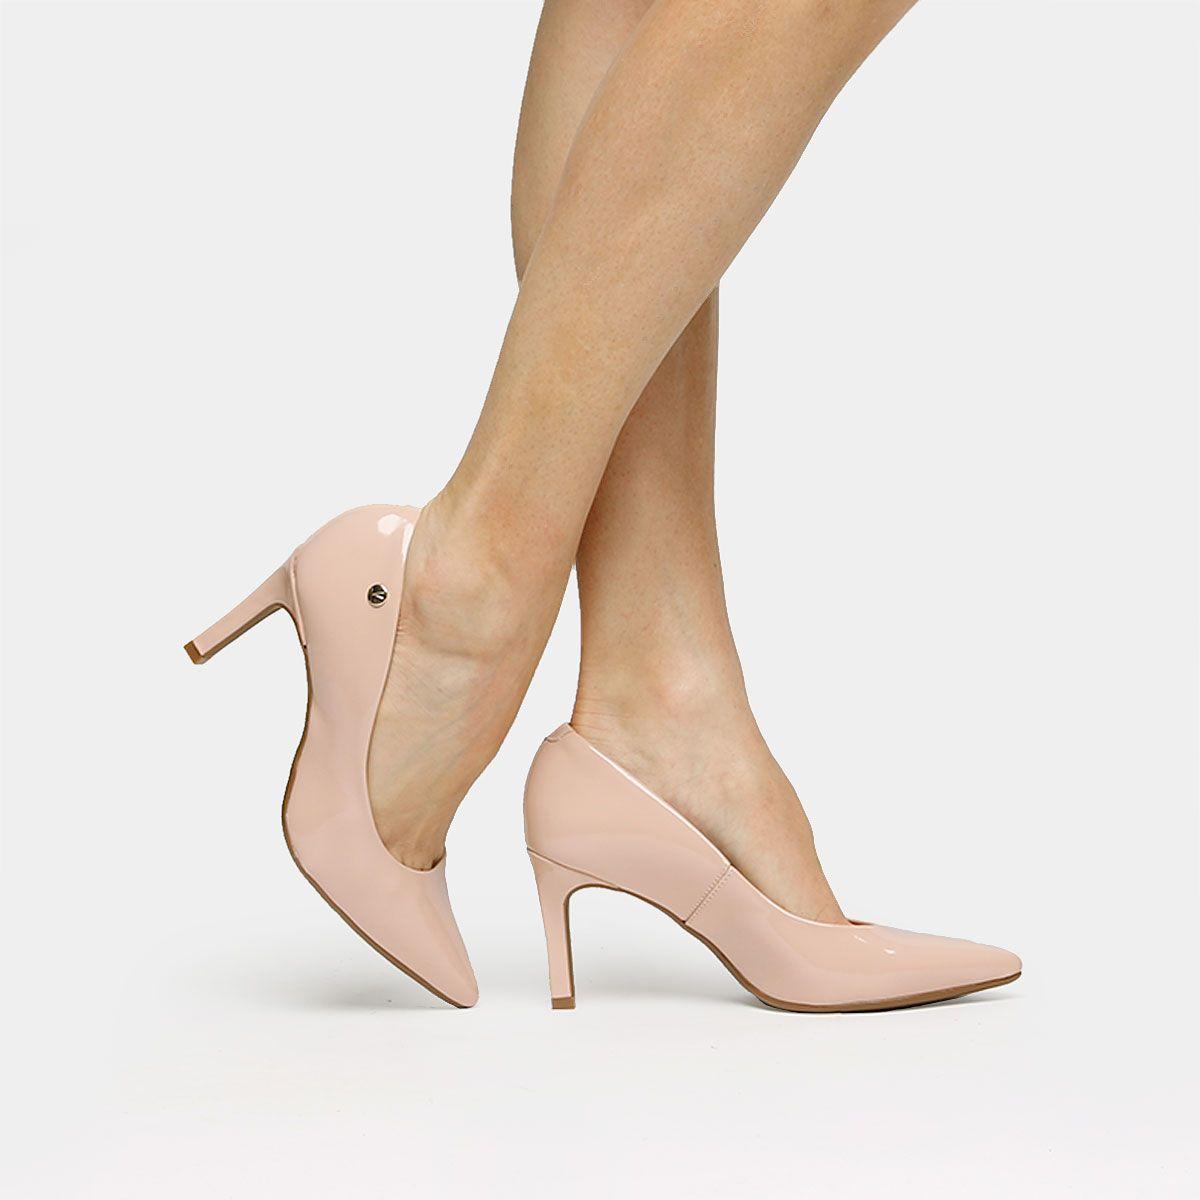 01a653692 Scarpin Vizzano Bico Fino Salto Alto Nude | Zattini Saltos Scarpin, Sapato  Feminino Scarpin,